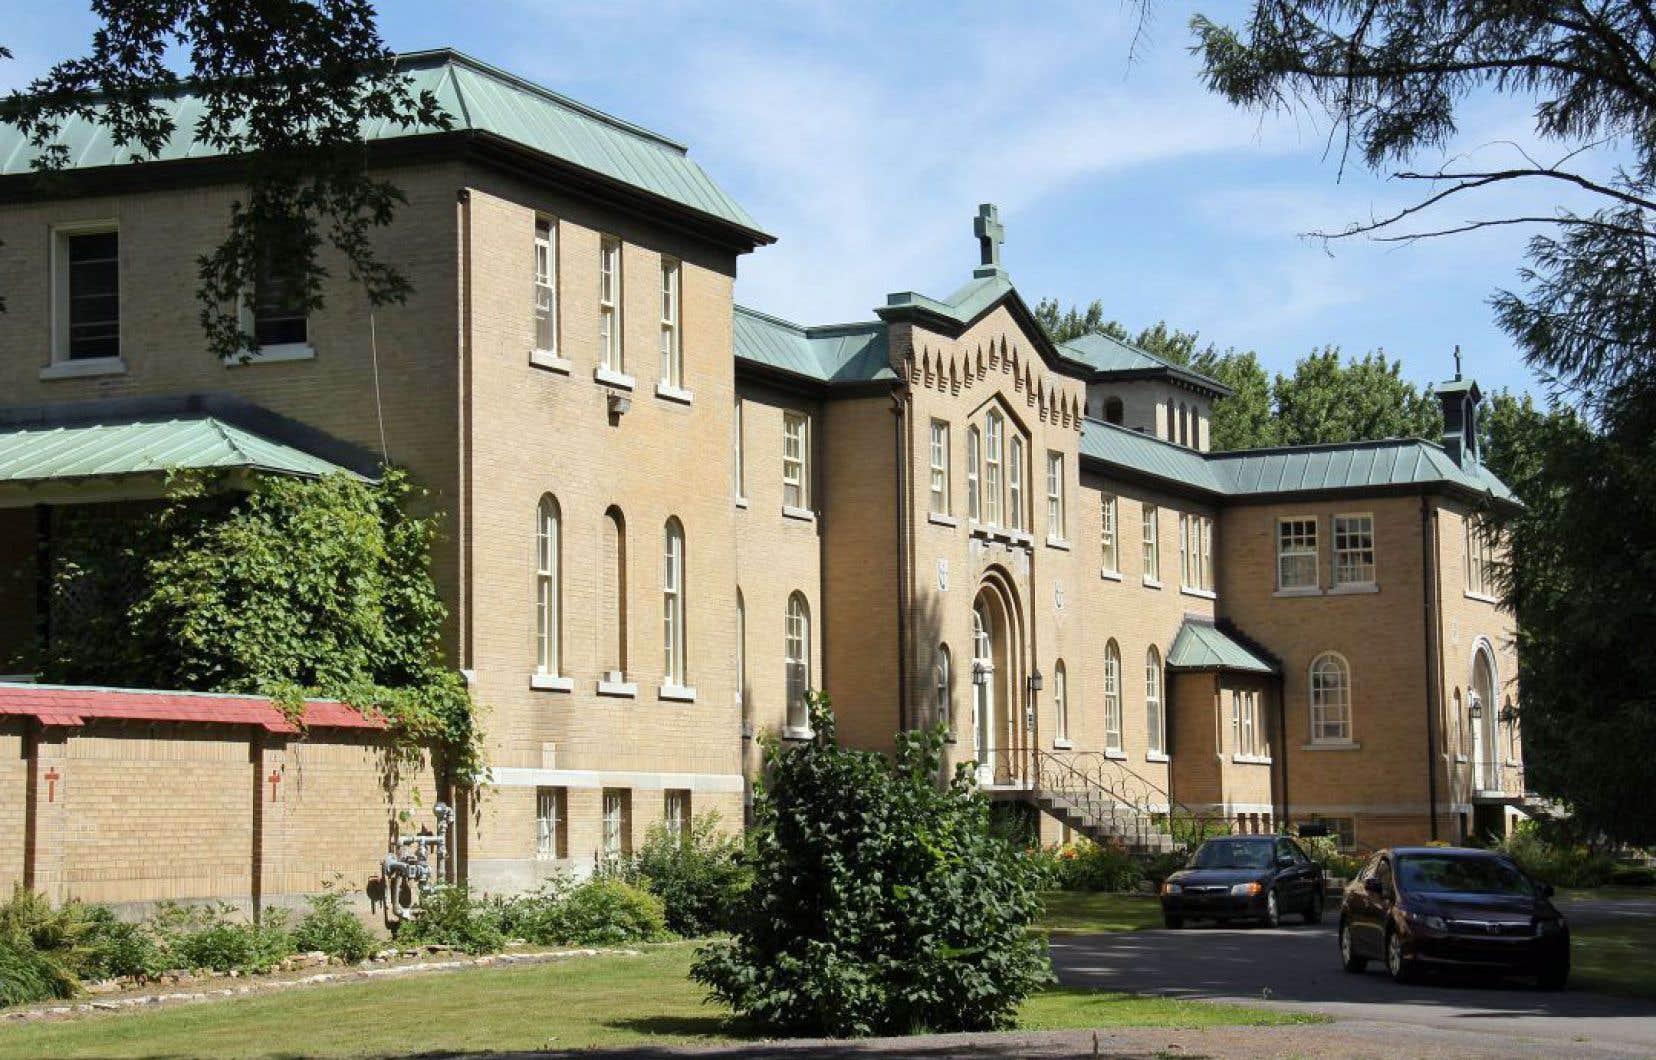 La MRC de D'Autray avait déjà indiqué qu'«un statut juridique municipal de protection devrait être accordé à cet édifice».